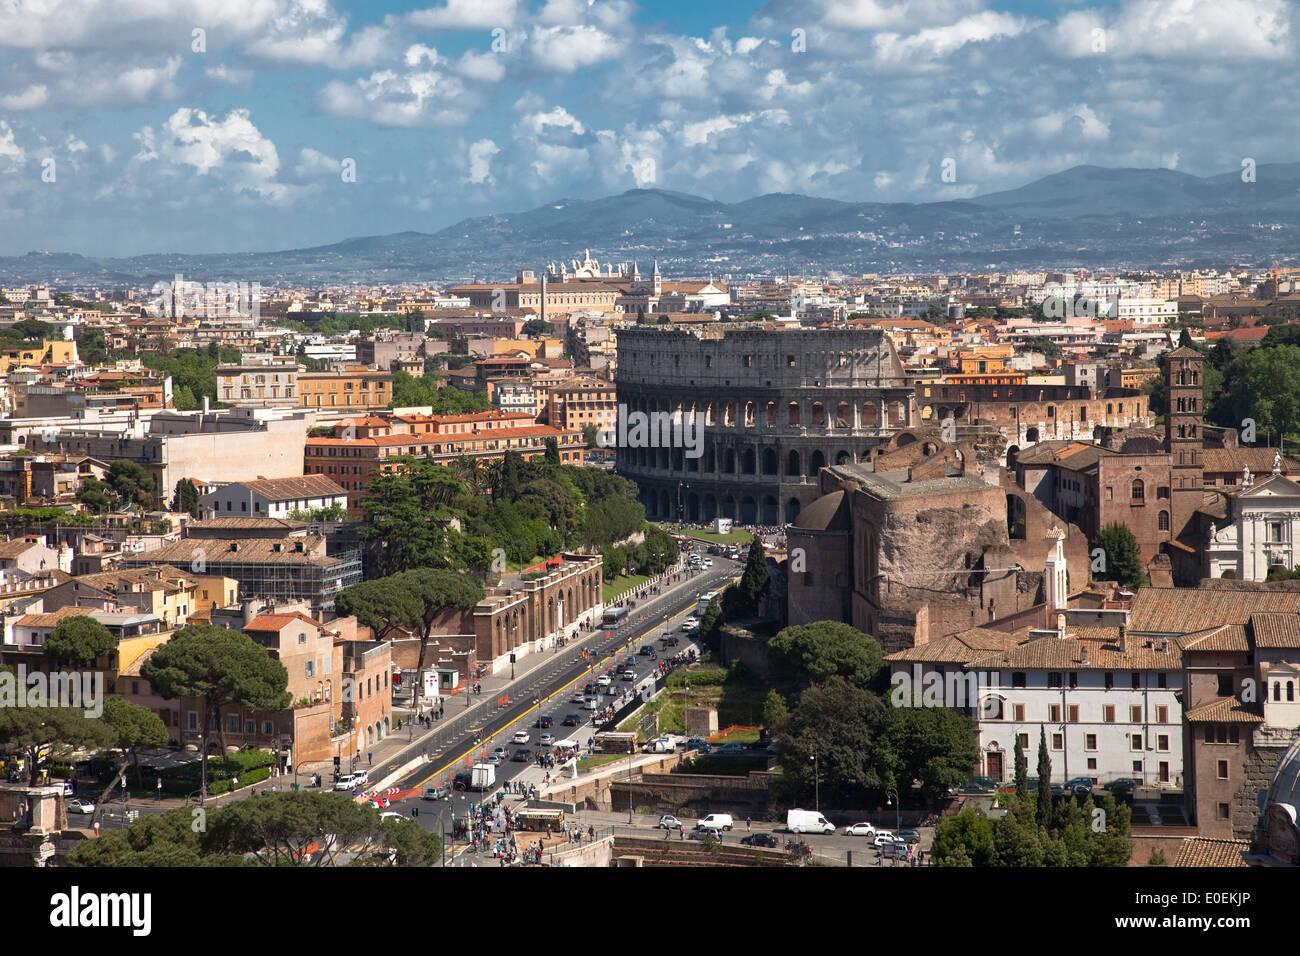 Kolosseum, Rom, Italien - Colosseum, Rome, Italy - Stock Image